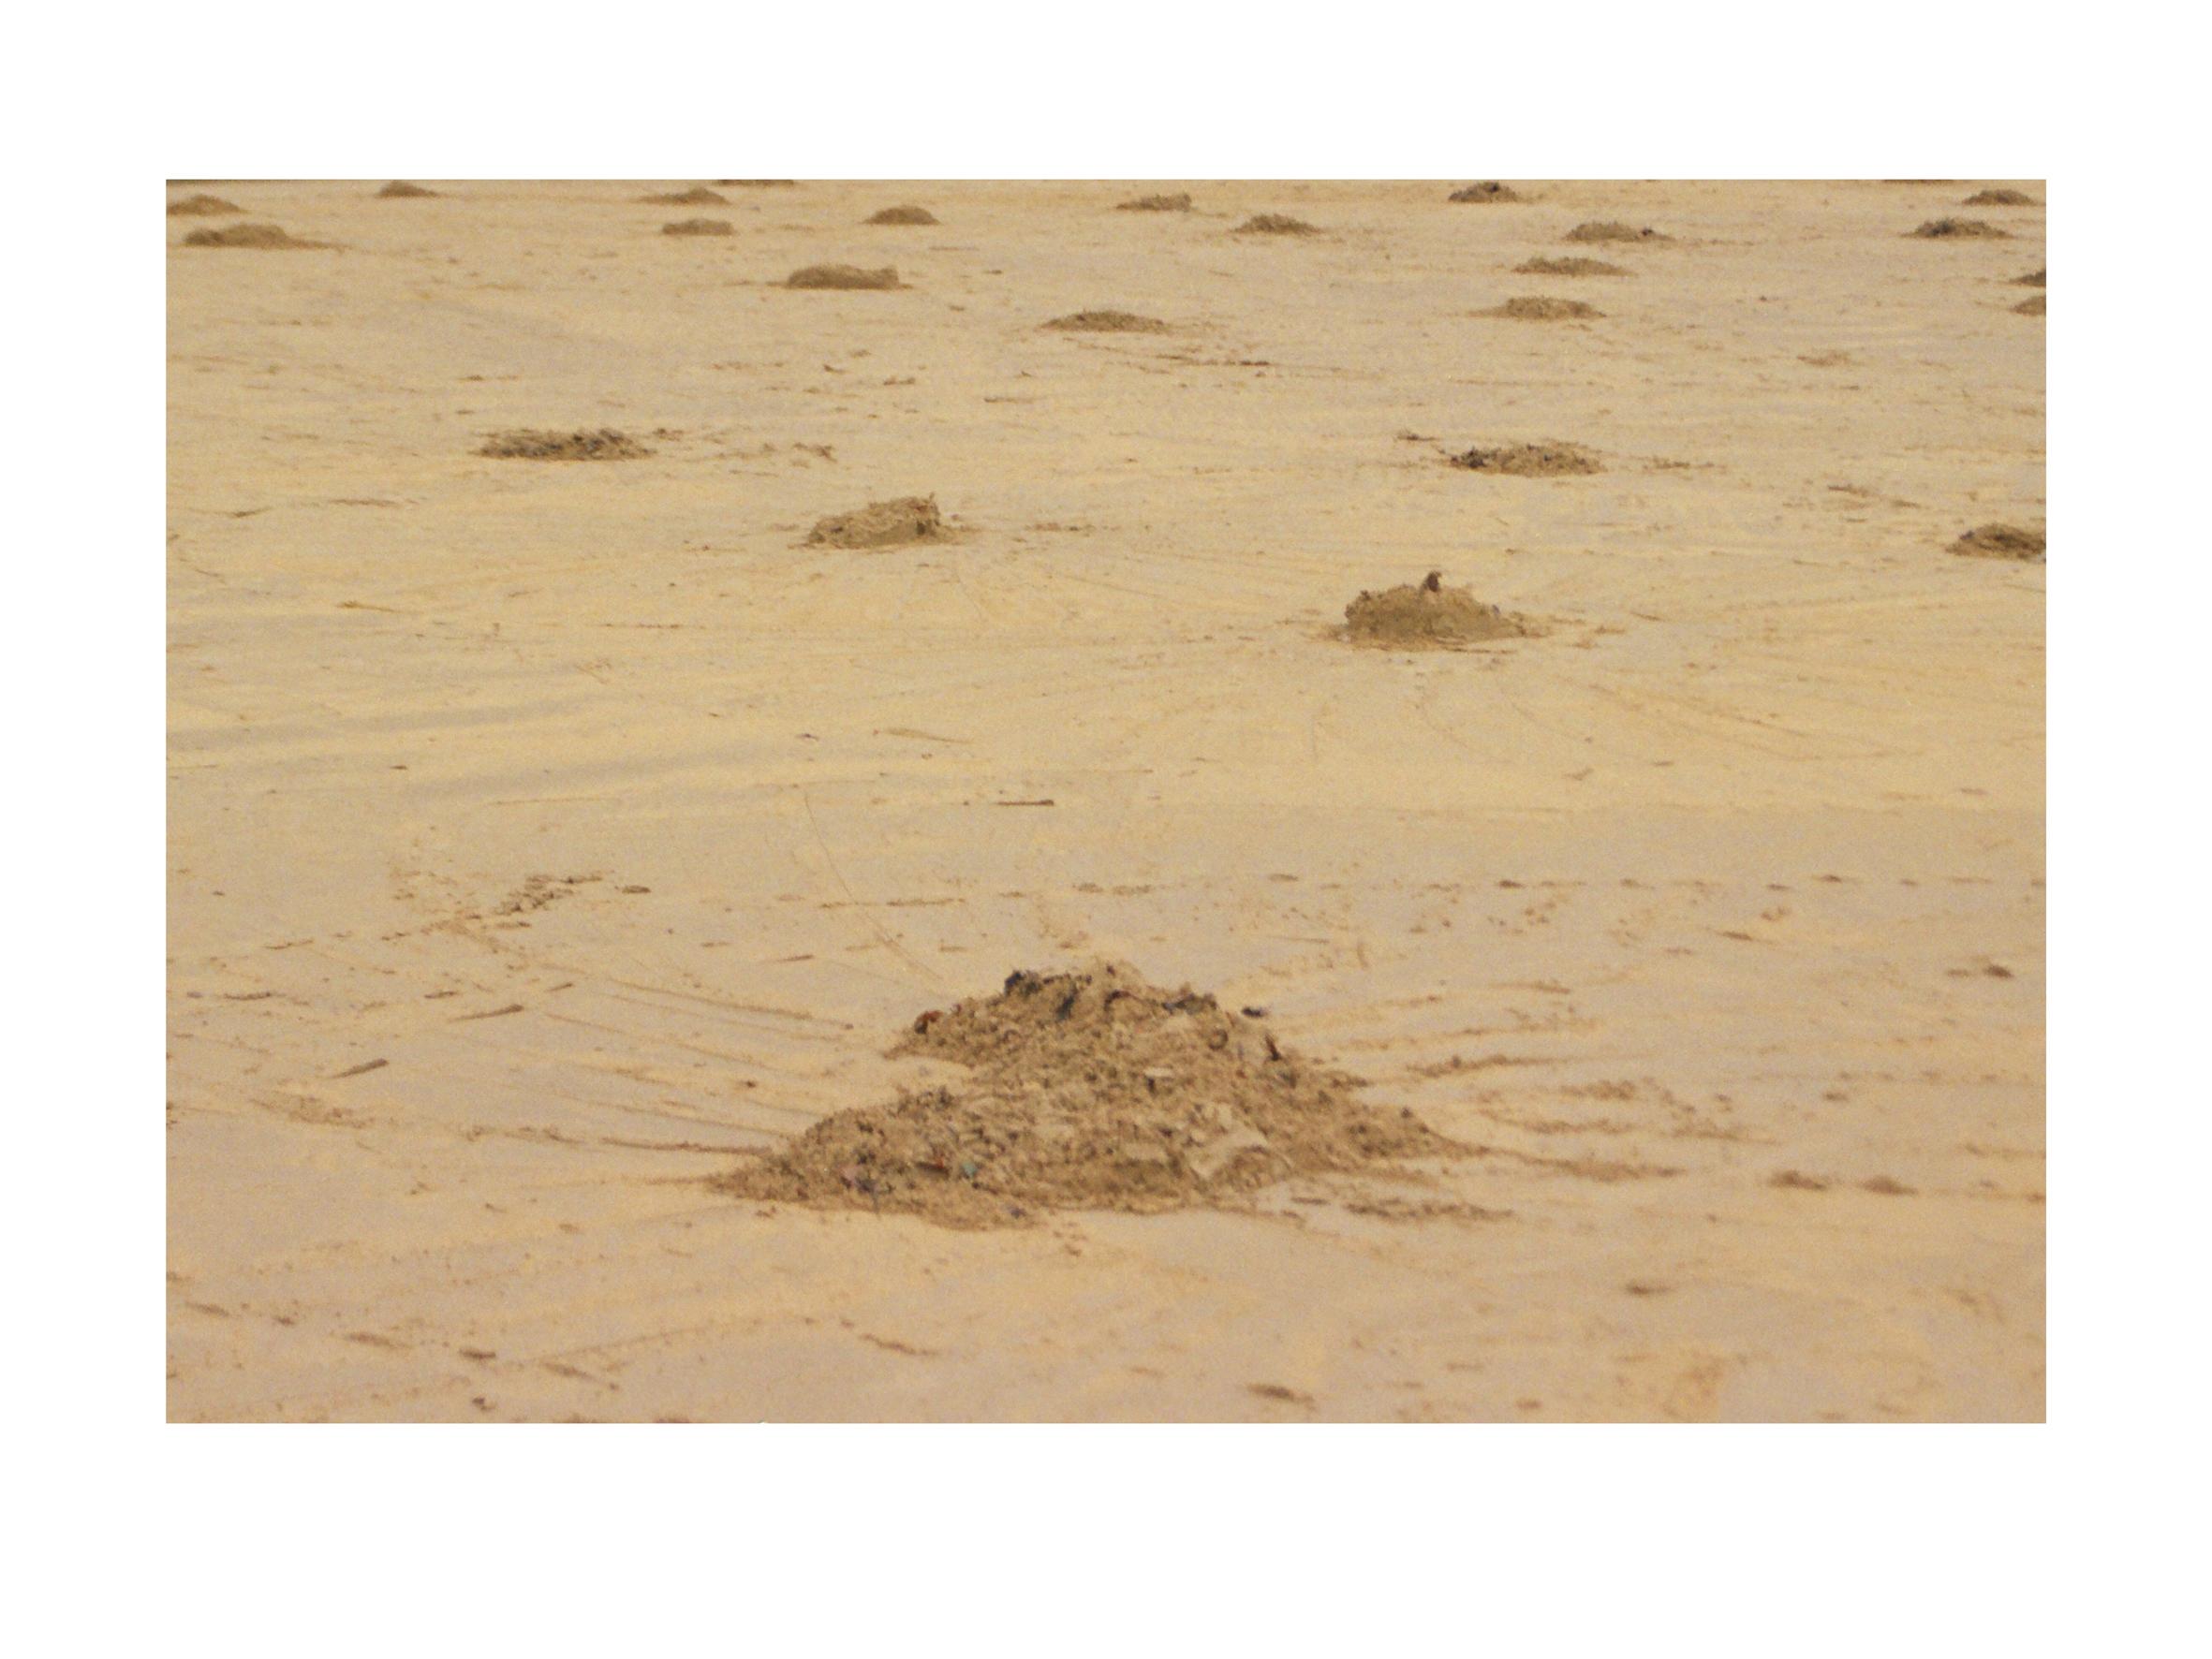 bajo la arena 15